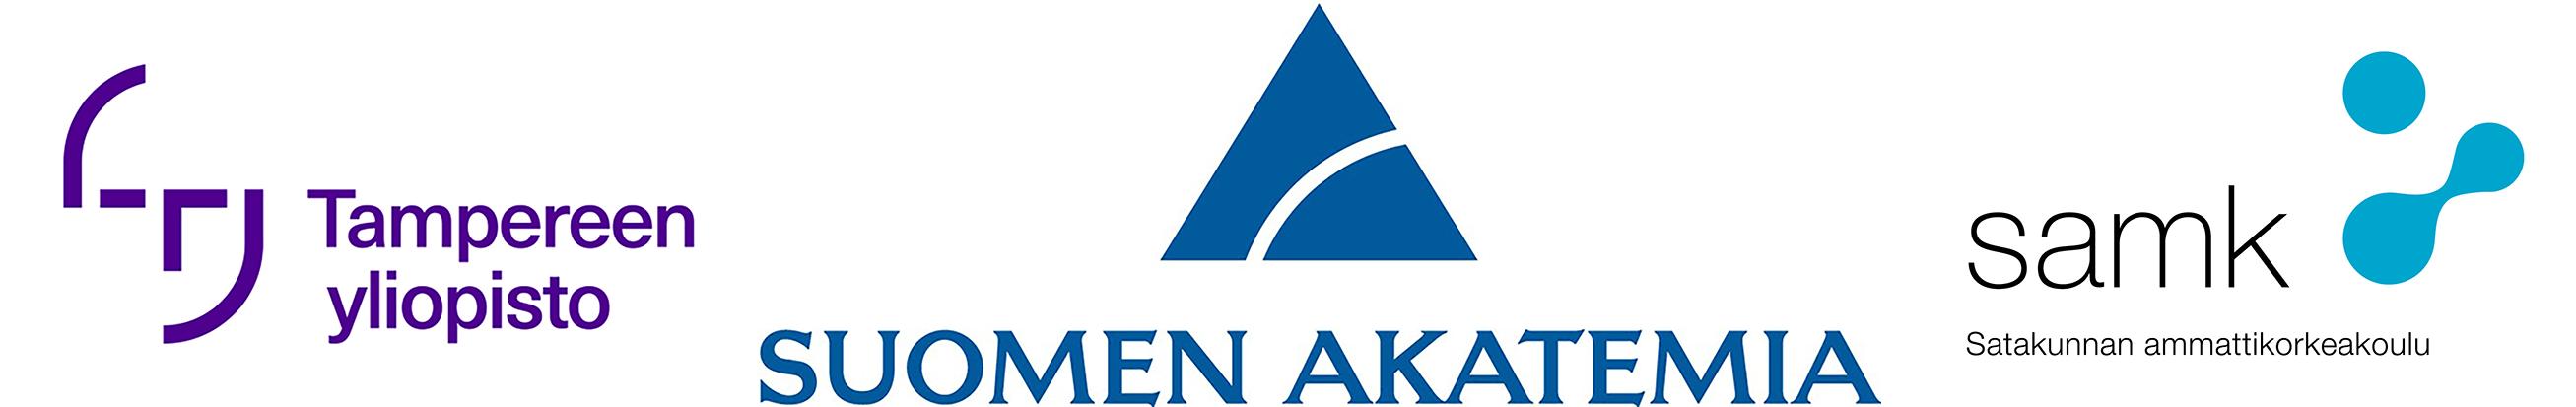 Vasemmalla Tampereen yliopiston logo, keskellä Suomen Akatemian logo ja oikeassa reunassa Satakunnan ammattikorkeakoulun logo.